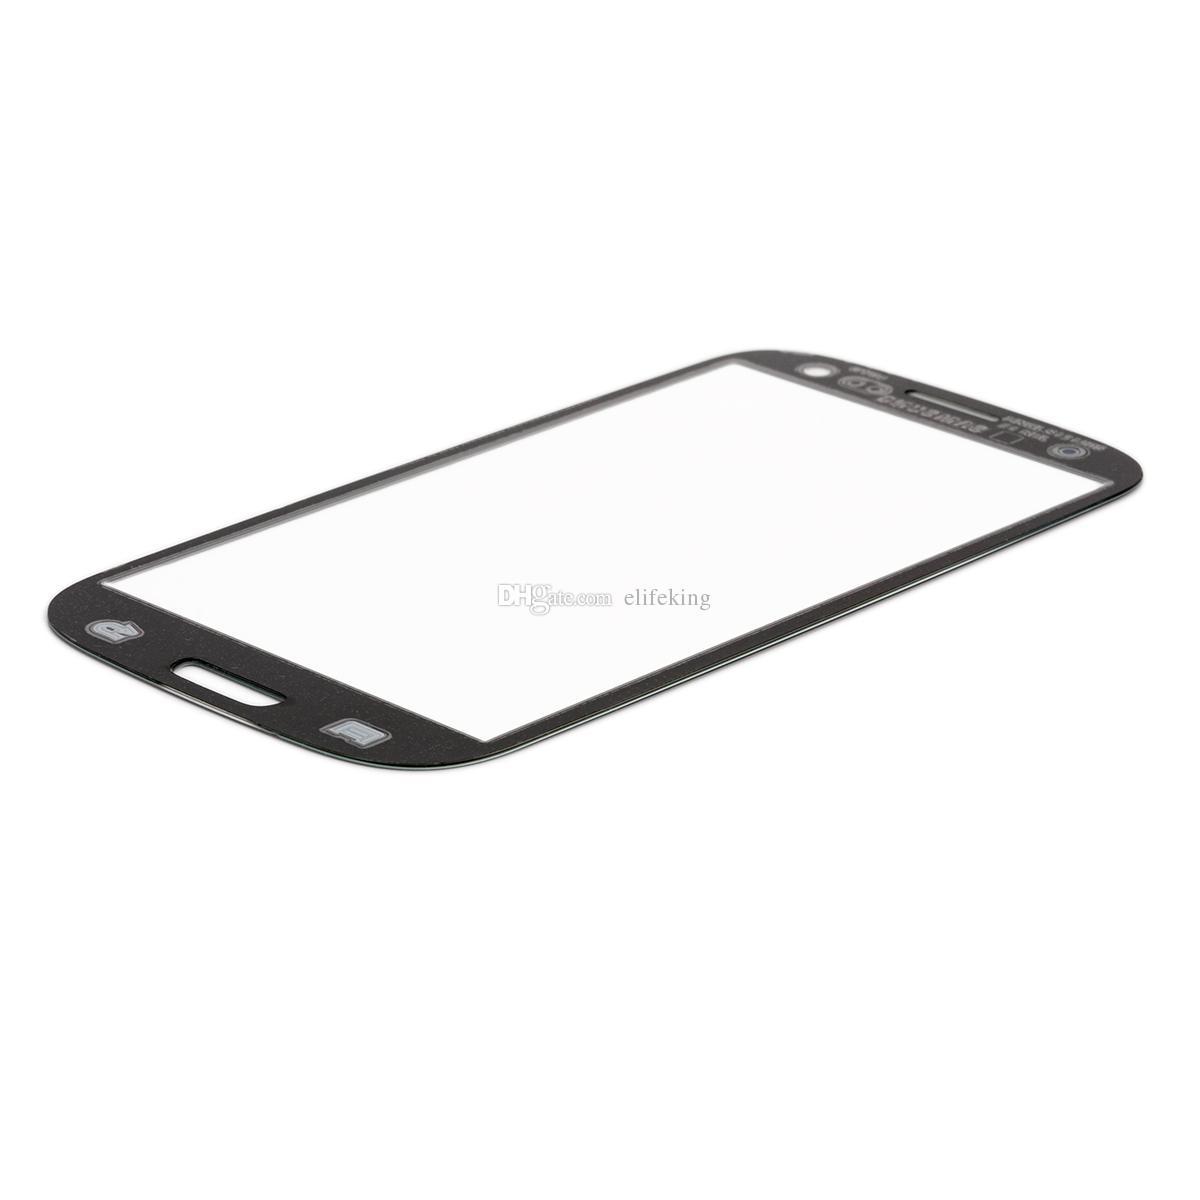 جودة عالية لسامسونج غالاكسي S4 غطاء الجمعية الشاشة الأمامية زجاج عدسة استبدال أجزاء أسود أبيض